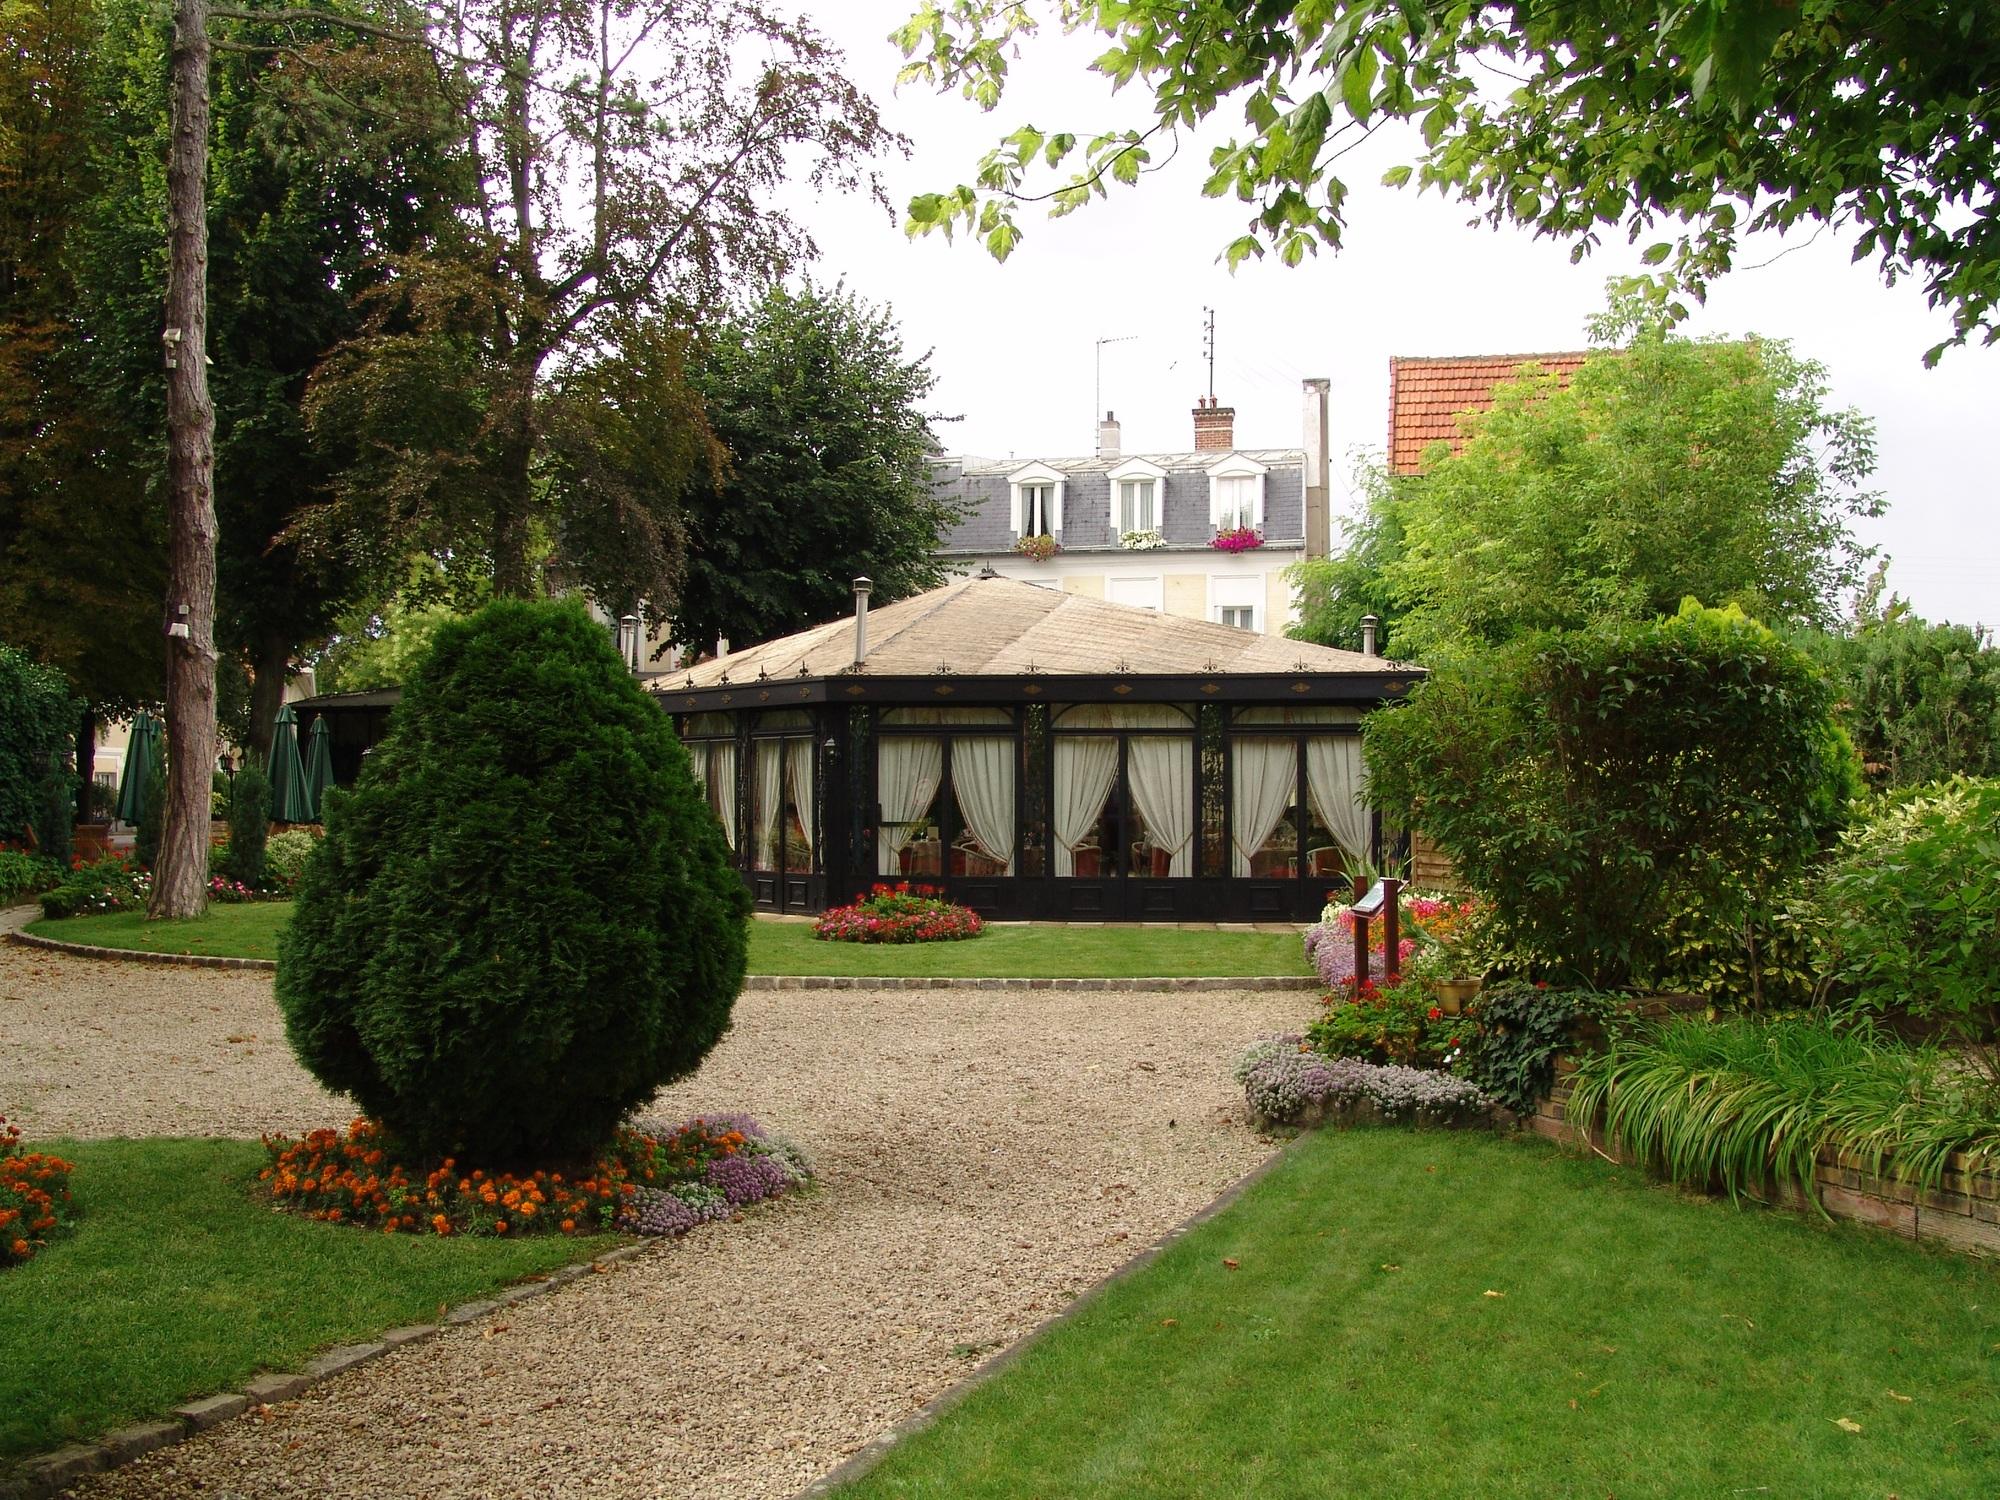 Chateau-des-iles2-03